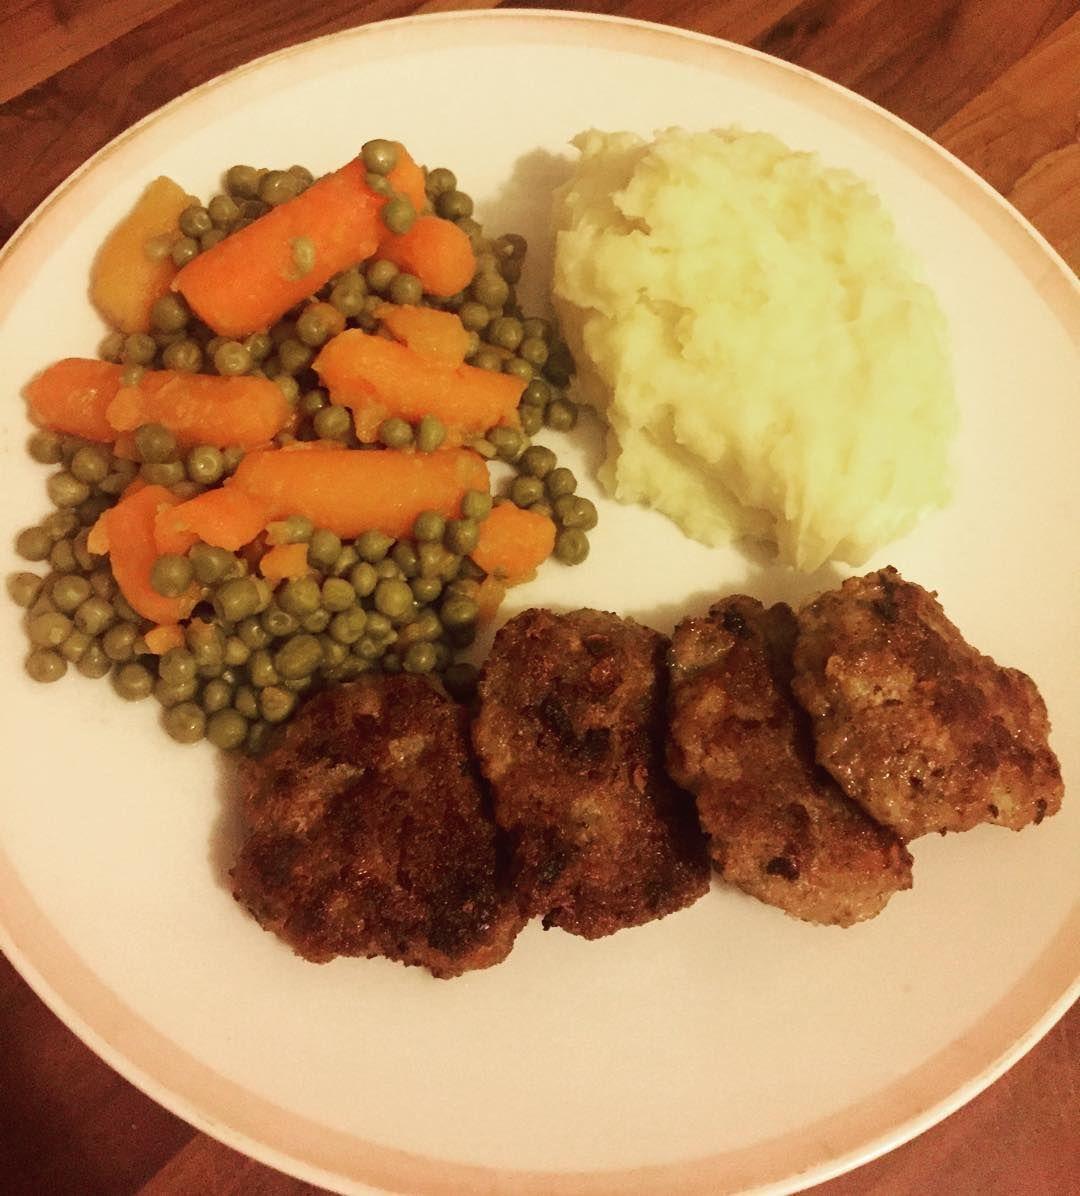 Nom...nom.. Ich habe heute Fleischküchle mit Erbsen/Möhren und dazu etwas Stopfer gekocht. Ich bin den ganzen Tag wieder nicht dazu gekommen etwas zu essen.  Das war heute somit  mein erstes & letztes Essen.   #abendessen #dinner #abnehmen #abnehmen2015 #abnehmtagebuch #diät #diättagebuch #lowcarb #lc #lowcarbhighfat #lowcarbgermany #healthy #gesund #healthyfood #food #foodpics #weightloss #weightlossdiary #weightlossjourney #myweightlossjourney #instahealth #instafood #instaweightloss…